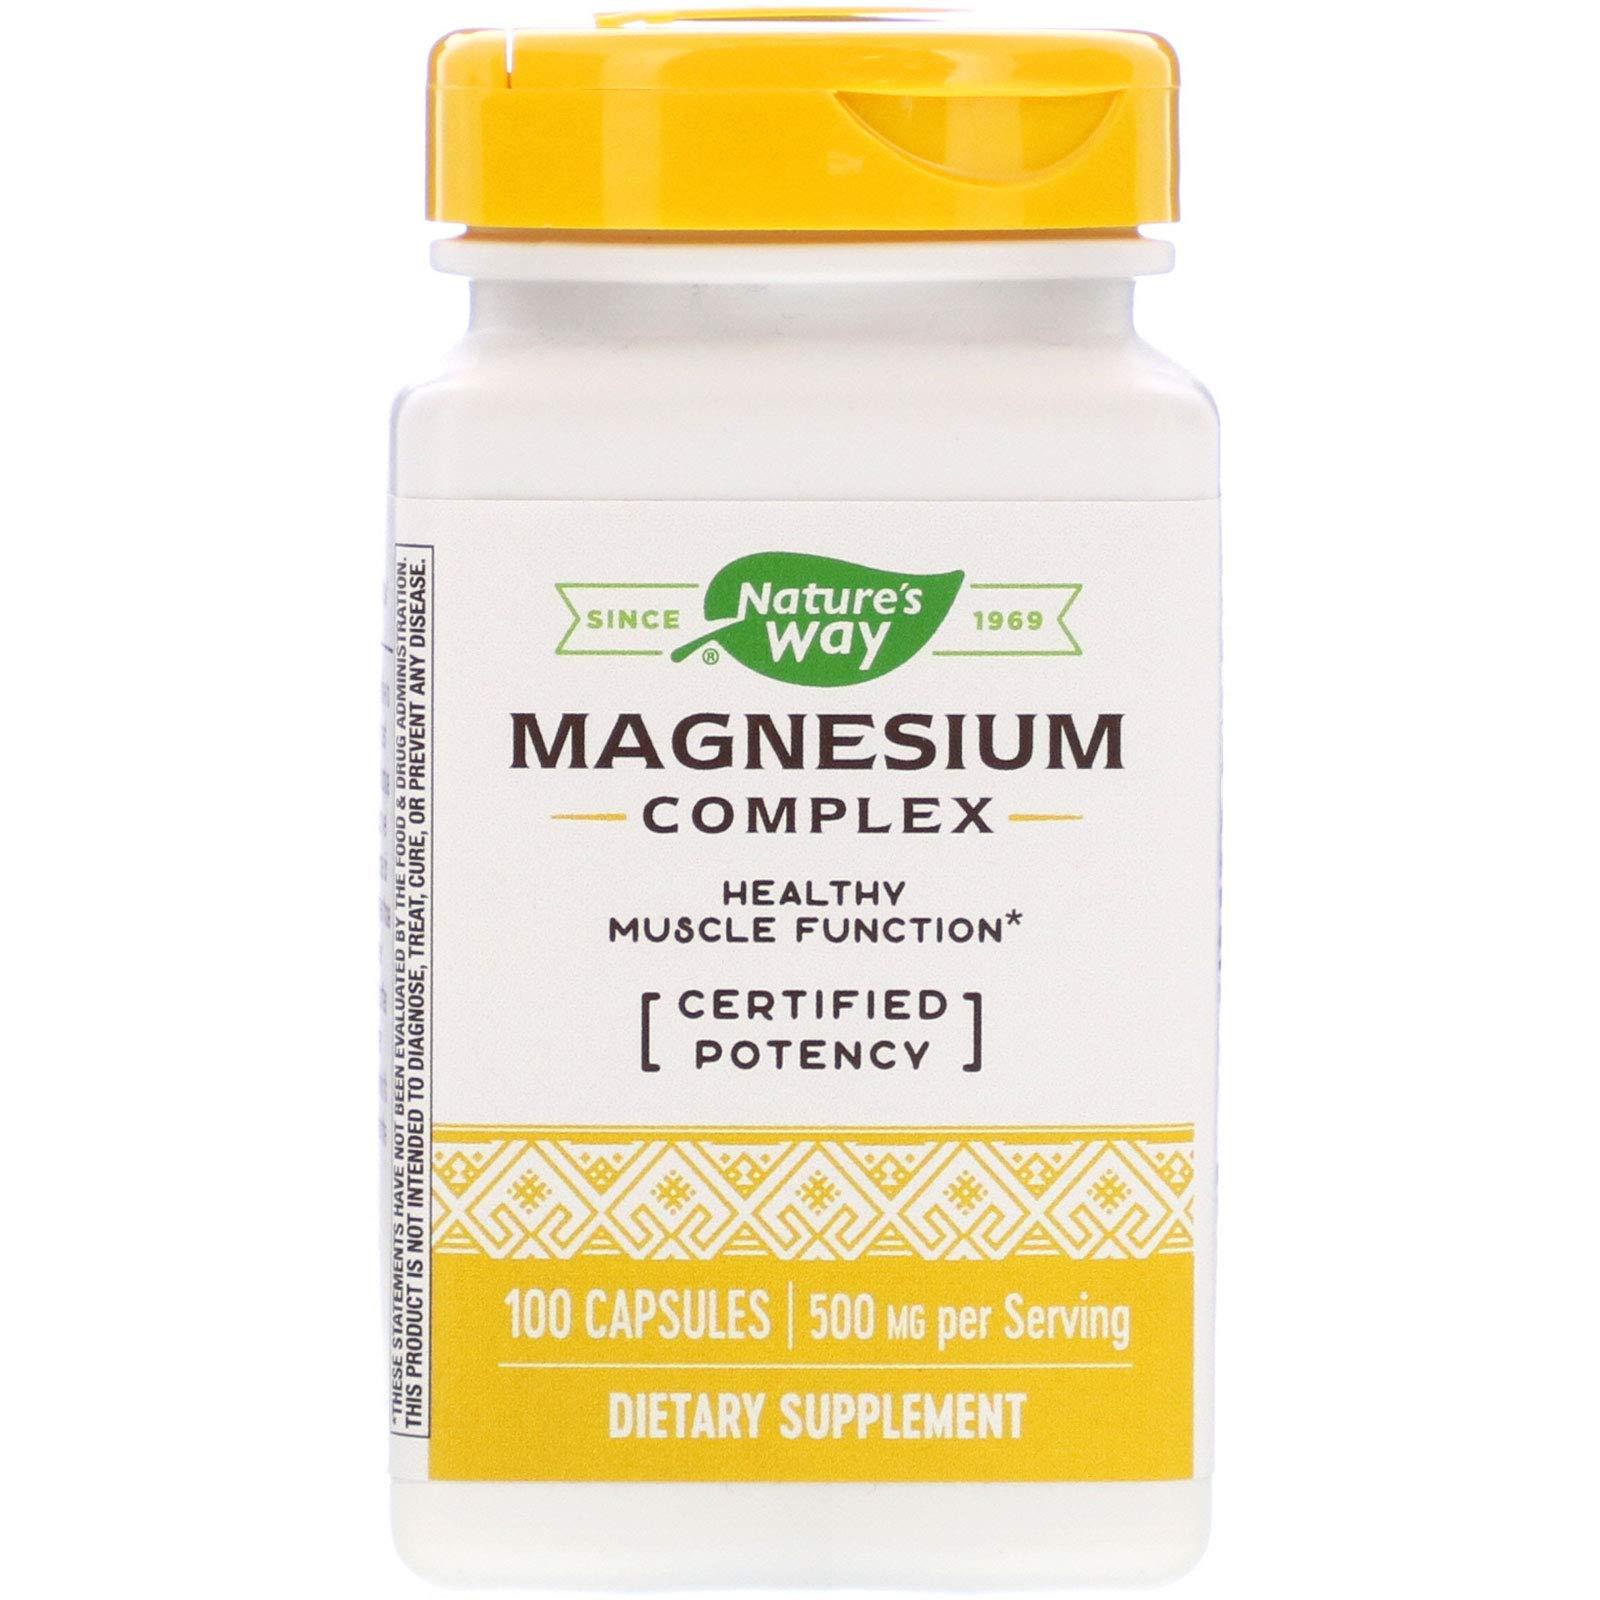 Nature's Way Magnesium Complex, 100 Capsules, Pack of 2